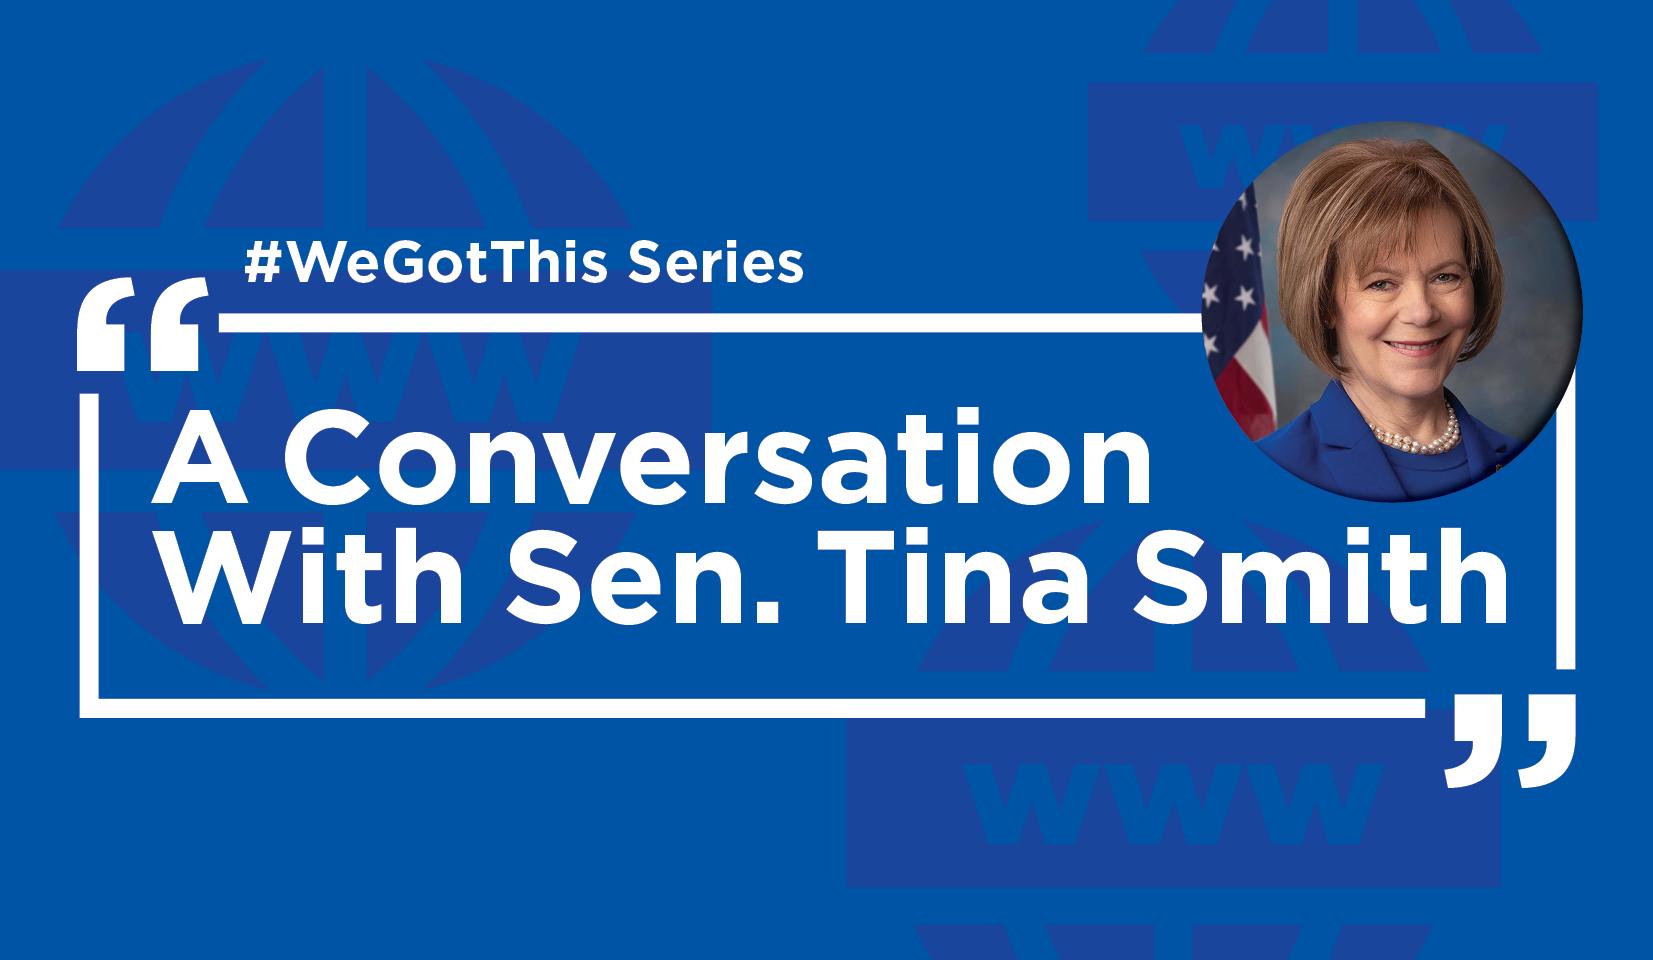 A Conversation with Sen. Tina Smith